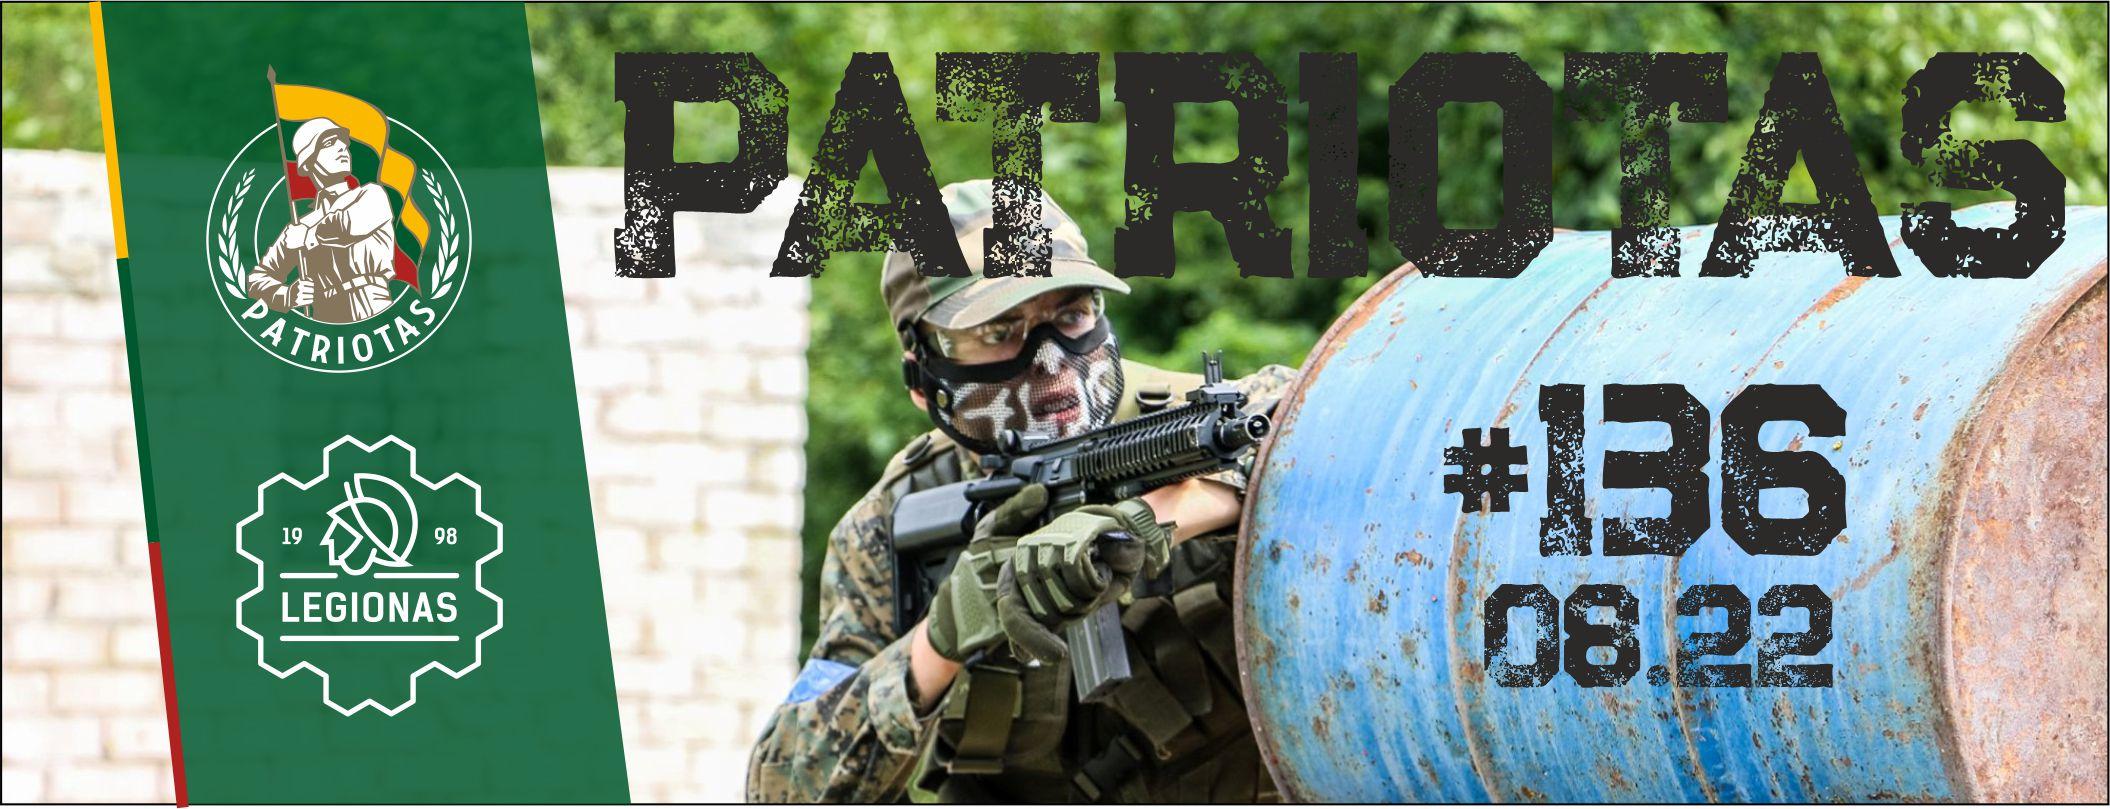 PATRIOTAS136